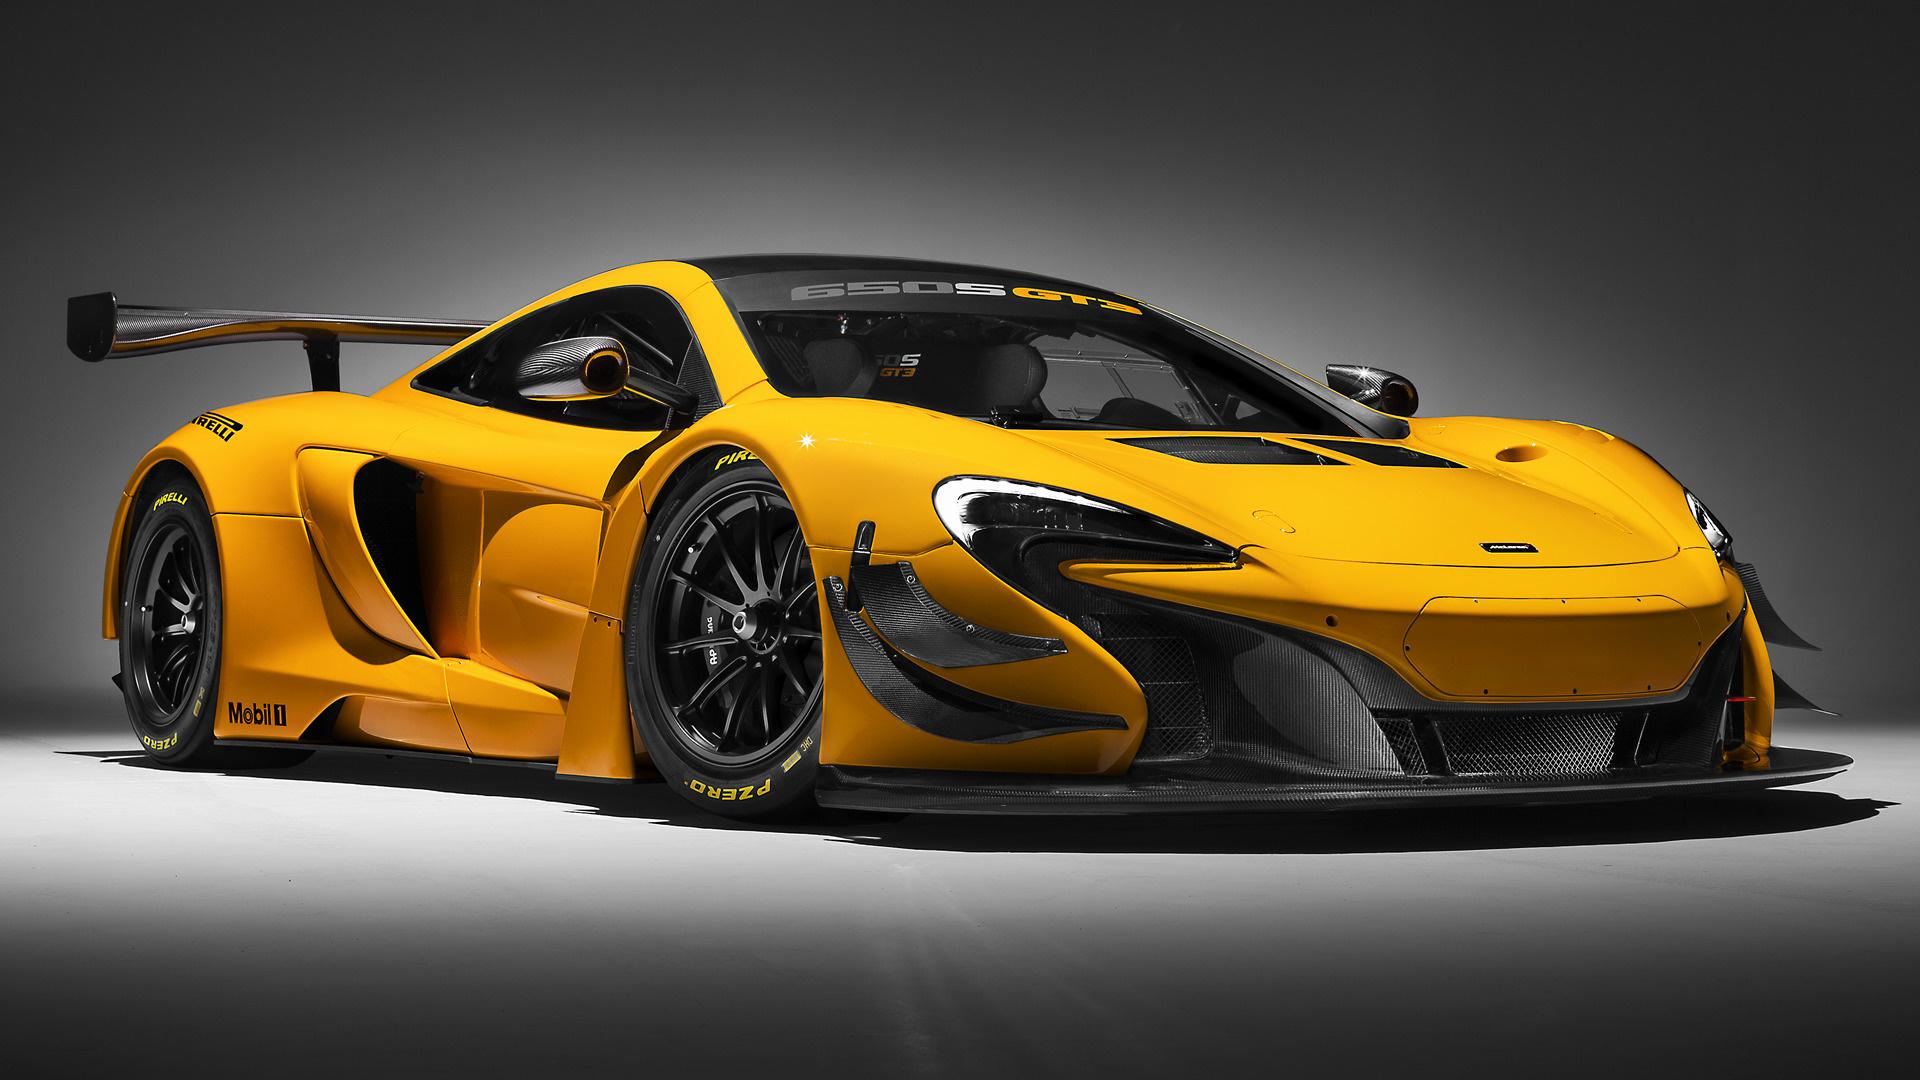 Vehicles   McLaren 650S GT3 Race Car Sport Car Racing Yellow Car Wallpaper